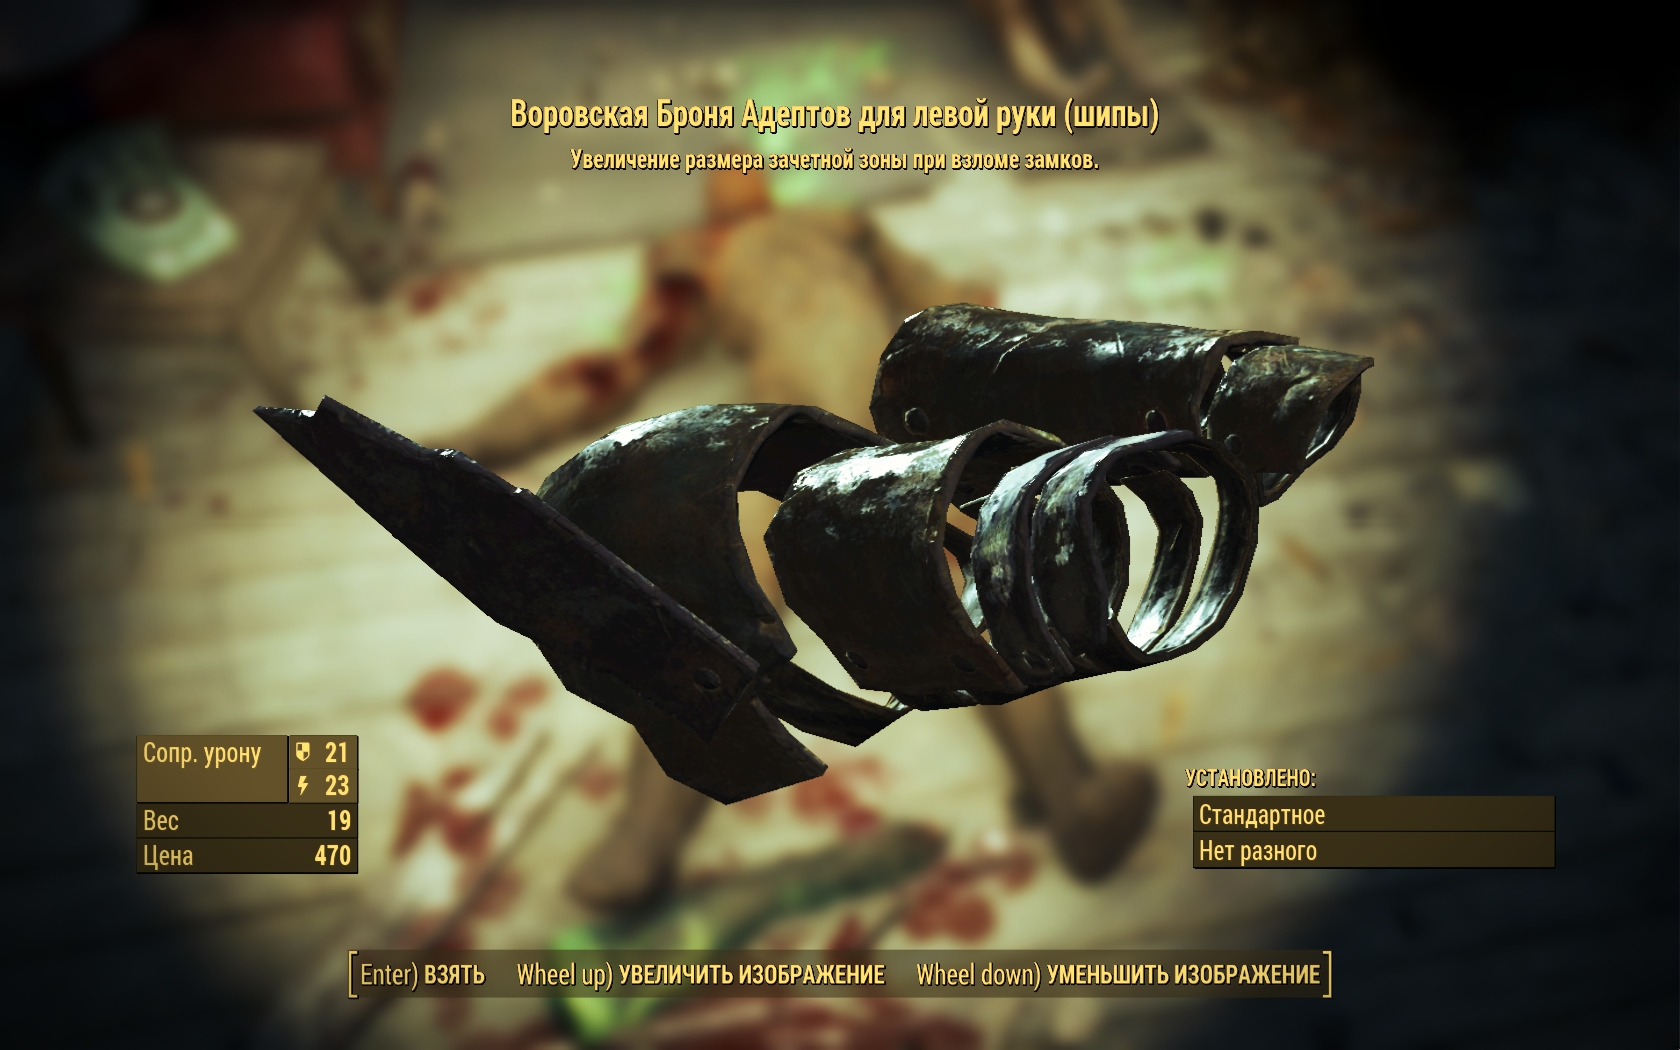 Воровская броня Адептов для левой руки (шипы) - Fallout 4 Адепты, броня, Воровская, Одежда, шипы